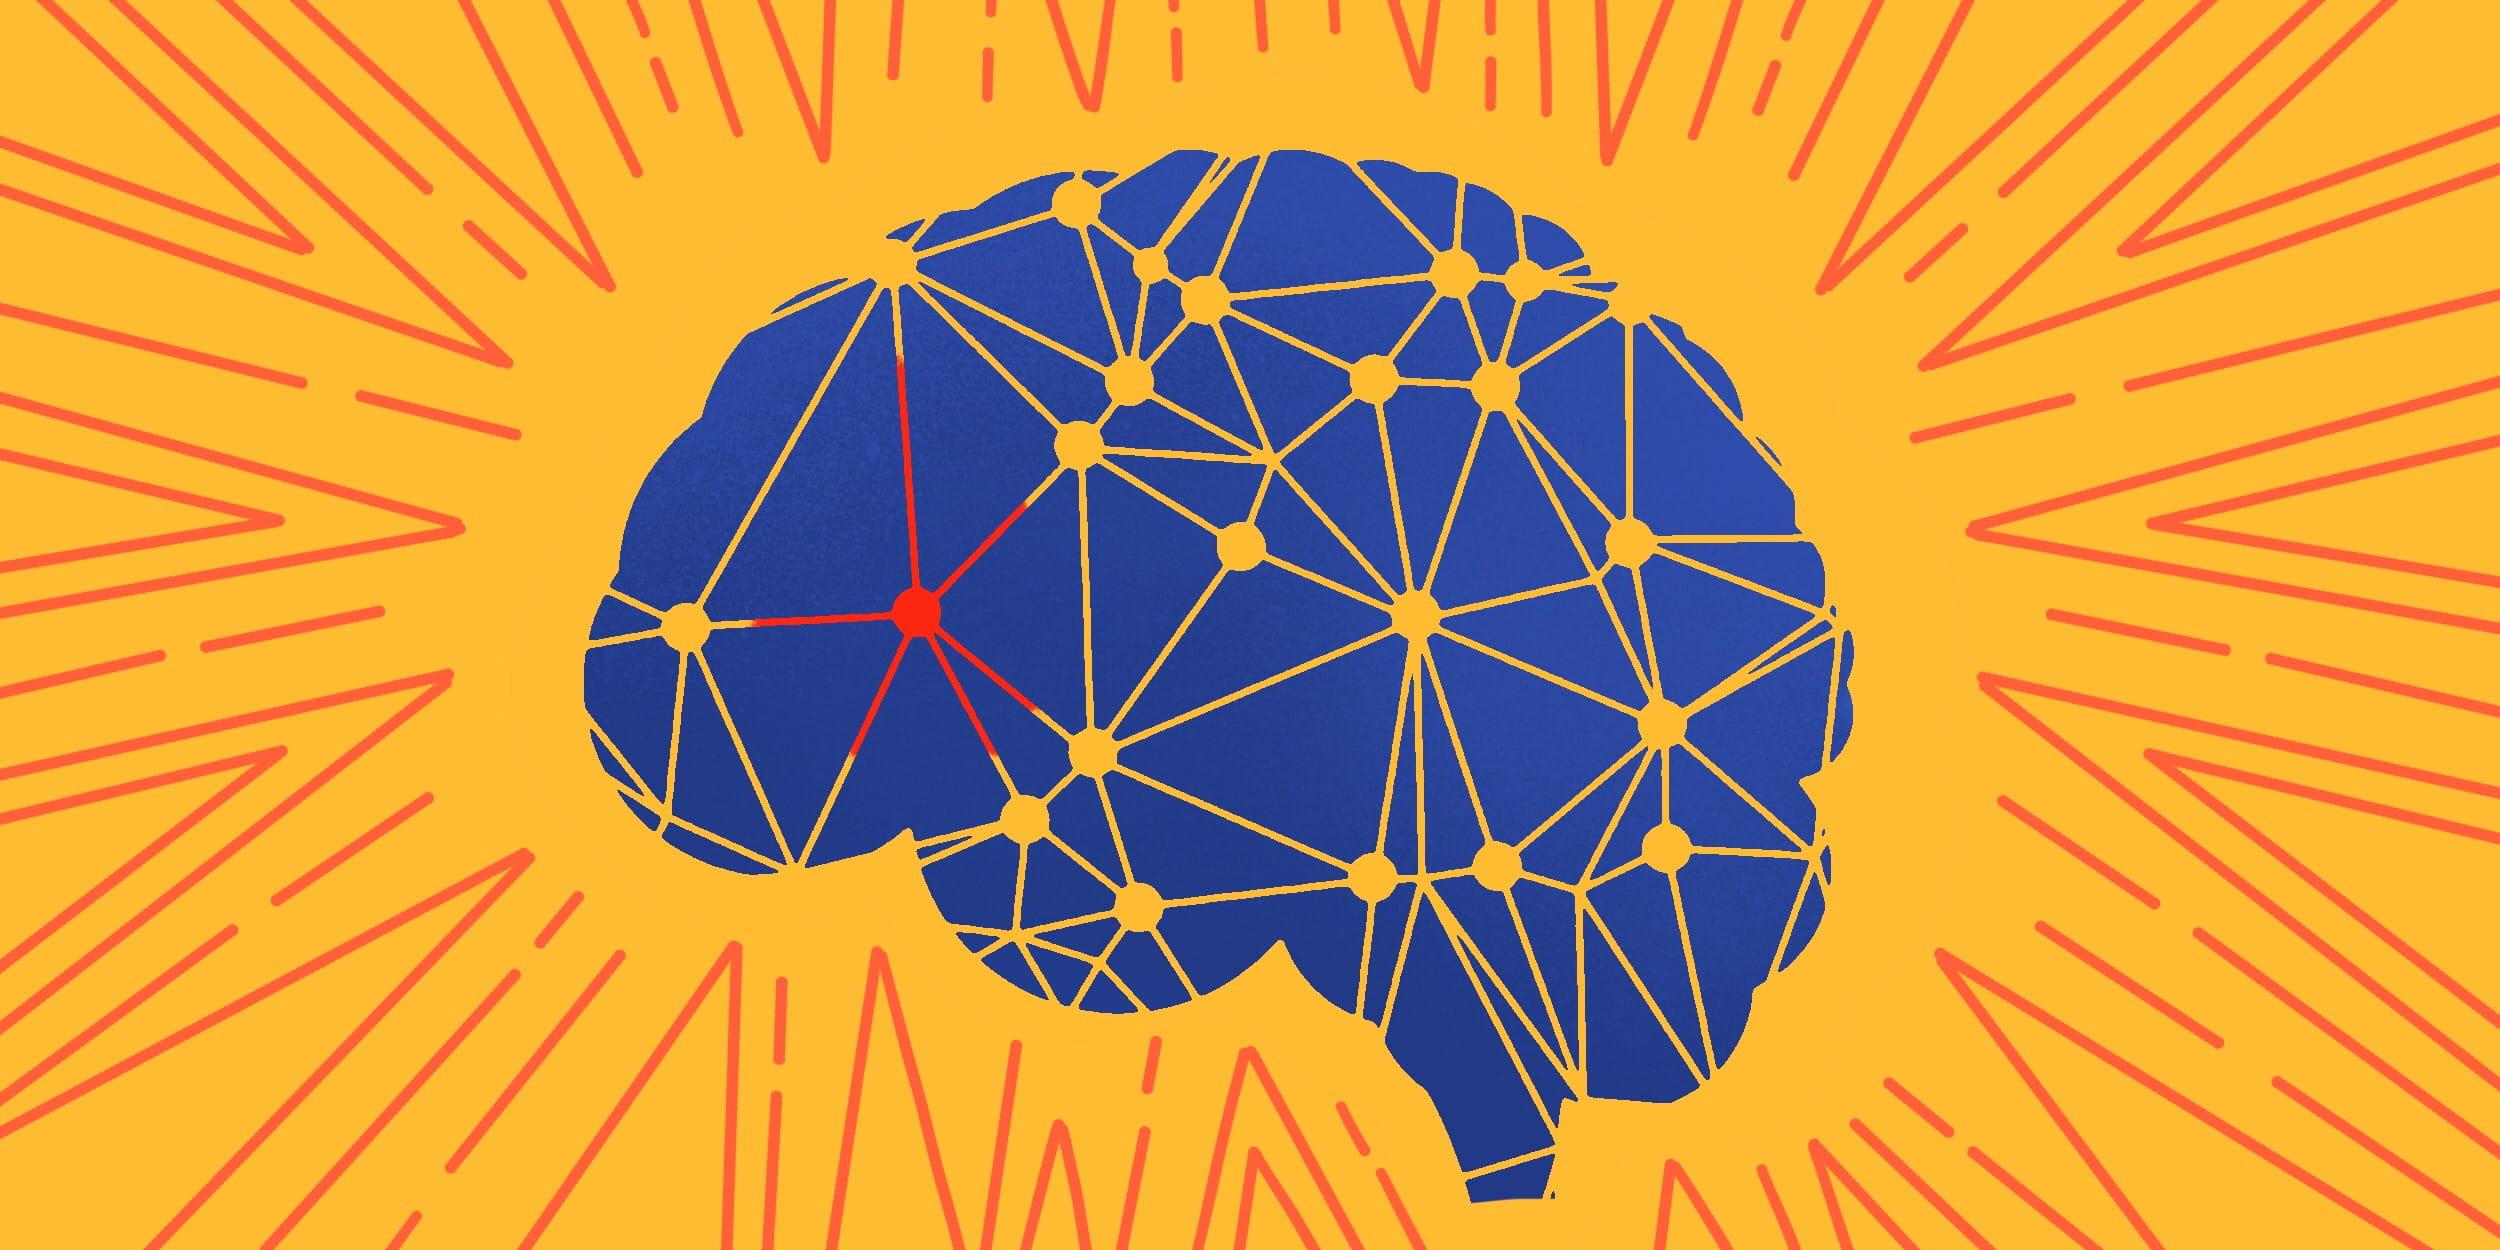 Совет невролога: 7 способов не дать инсульту шанса